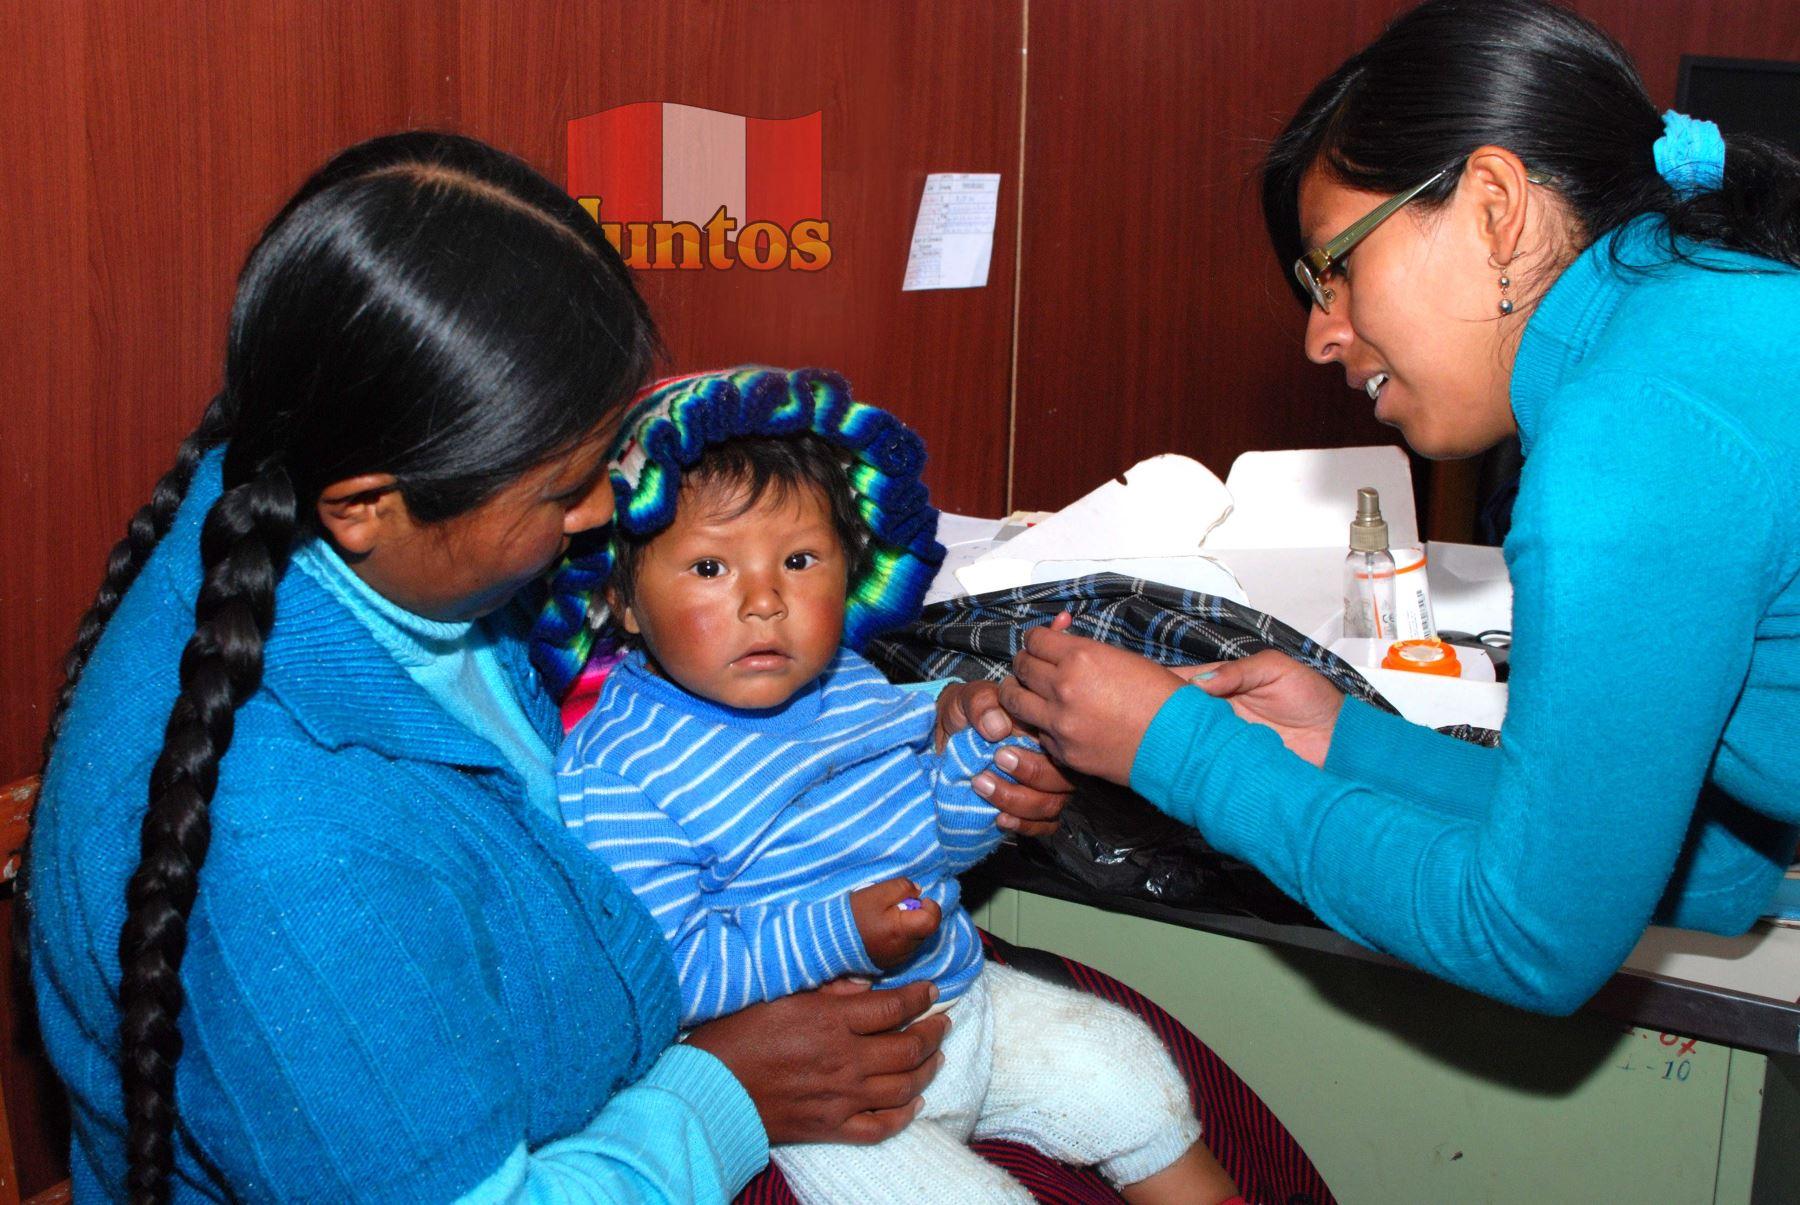 Siete de cada 10 niños de hogares de Juntos están libres de anemia, destaca programa social.